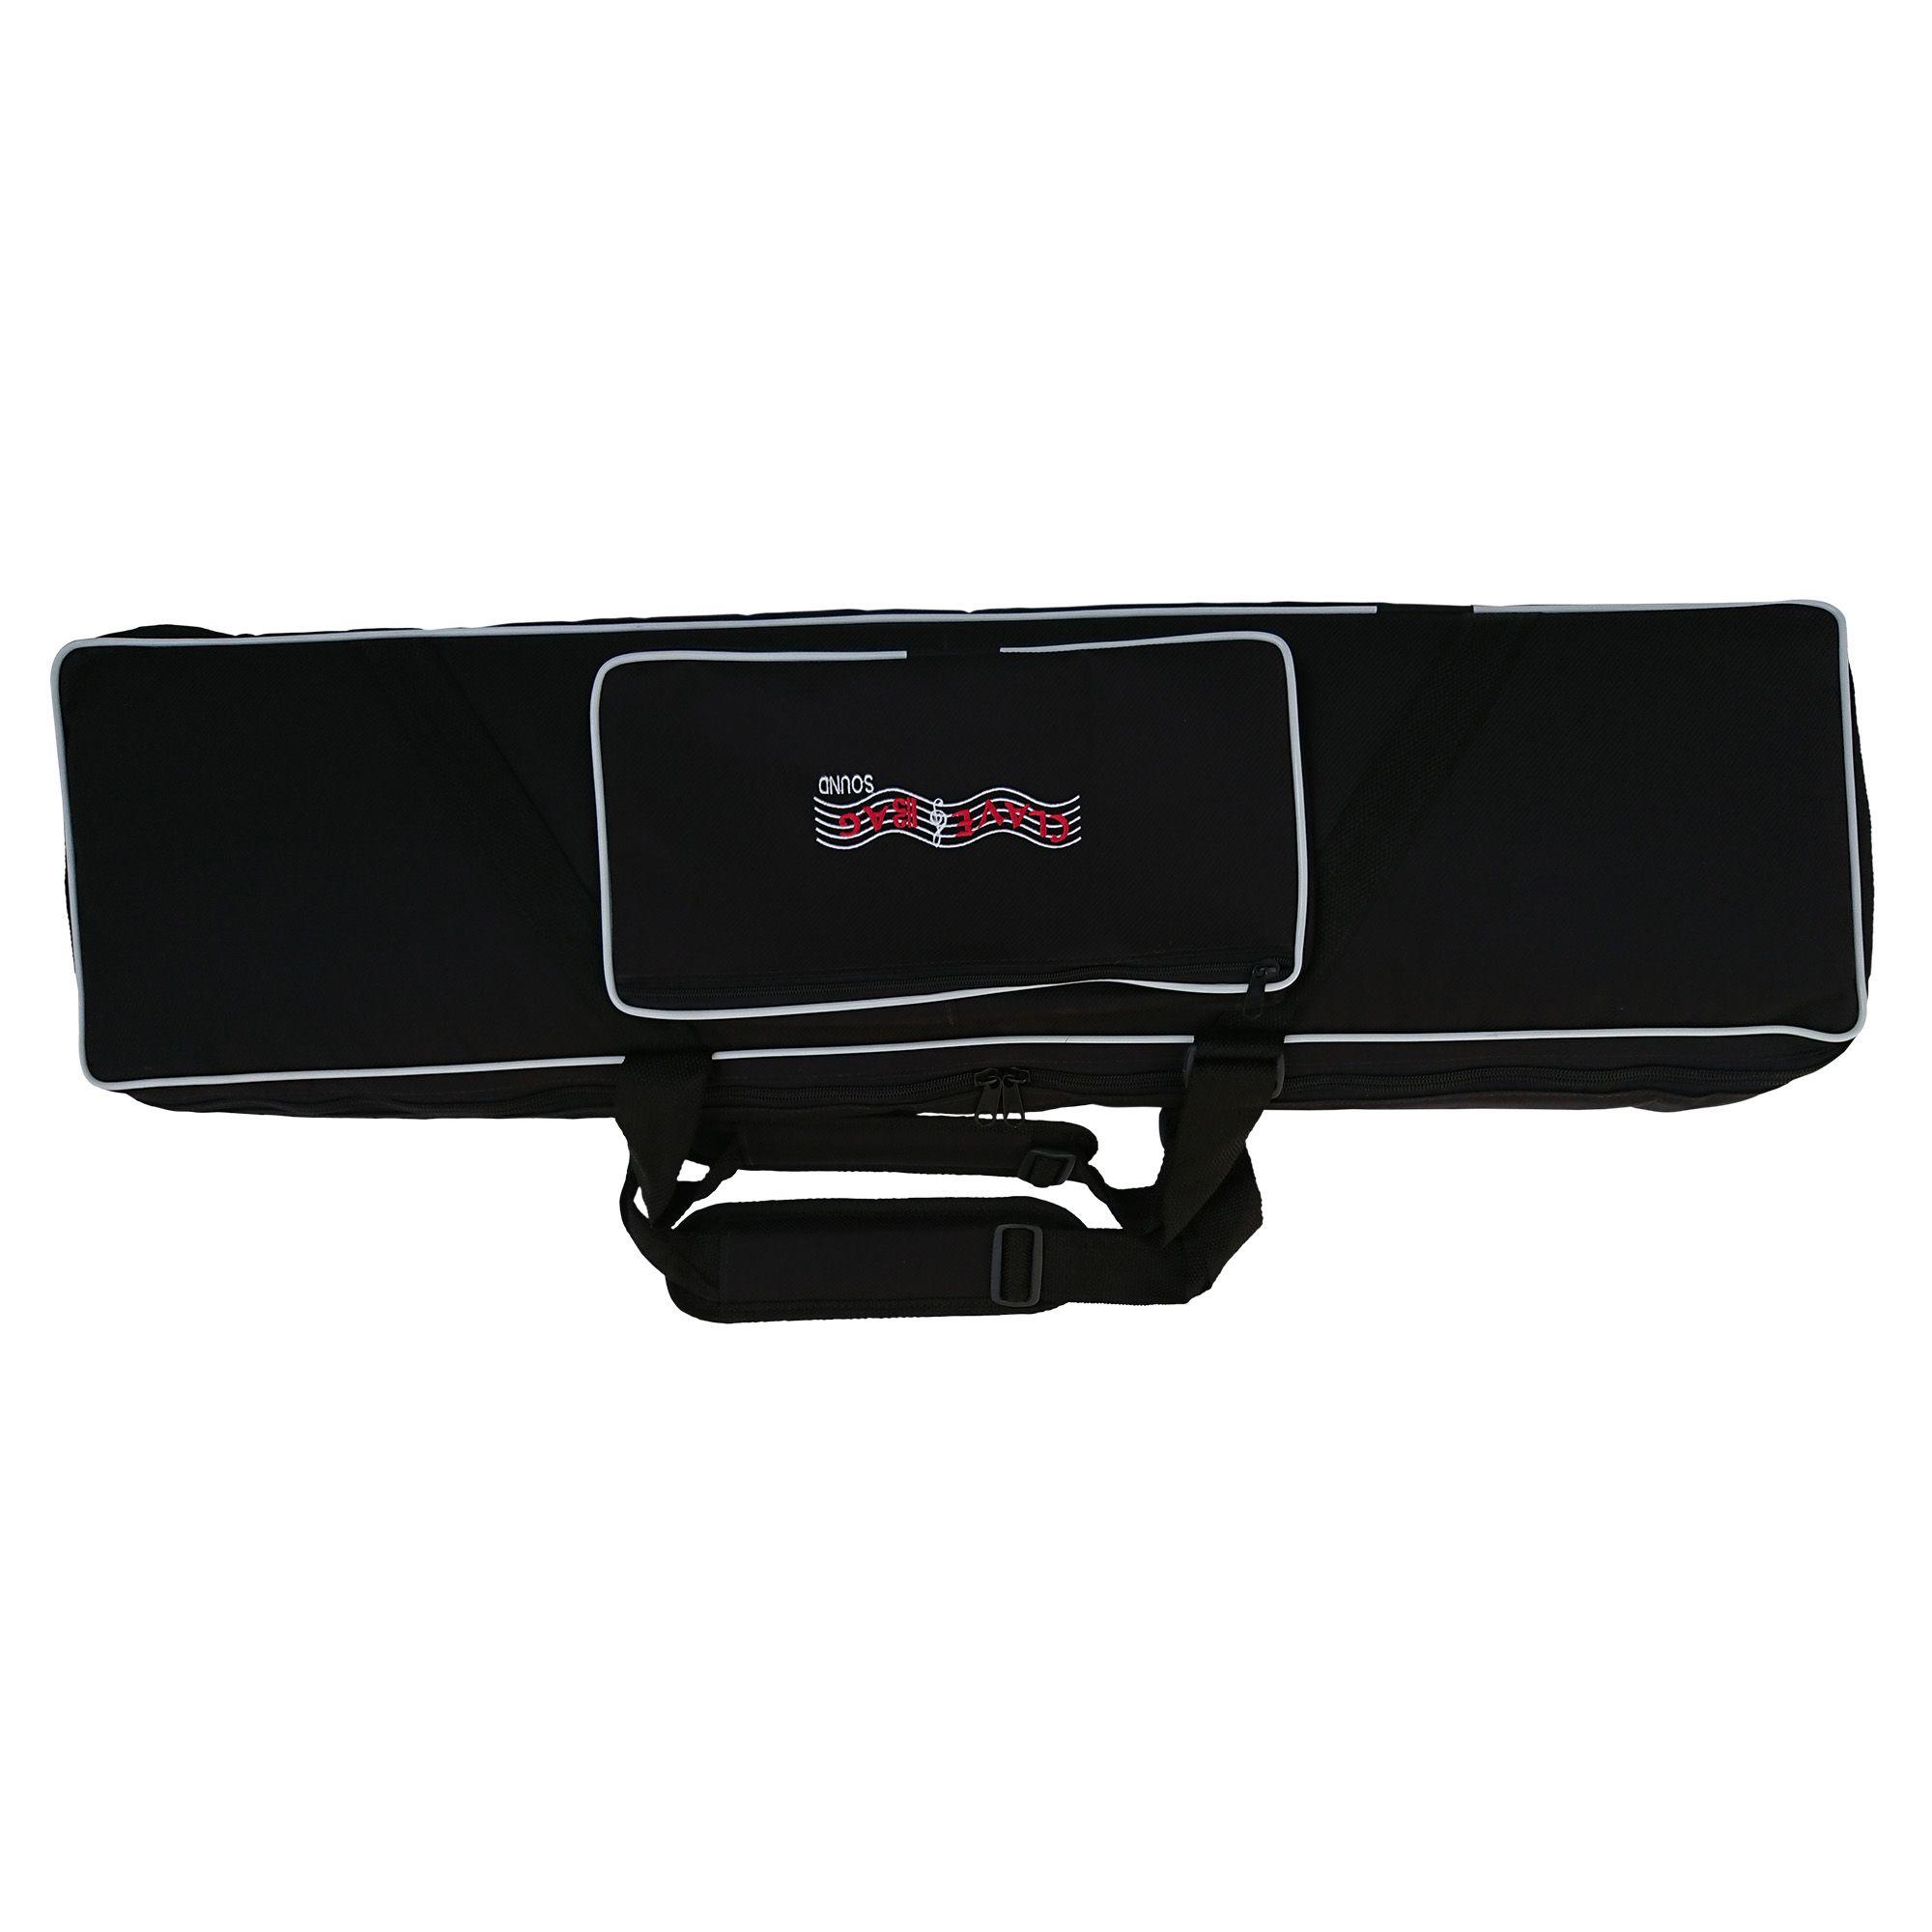 Capa/Bag para Teclado modelo semi-case para XPS-30, Juno-DS61, Roland Bk-3  e outros (103x30x10)